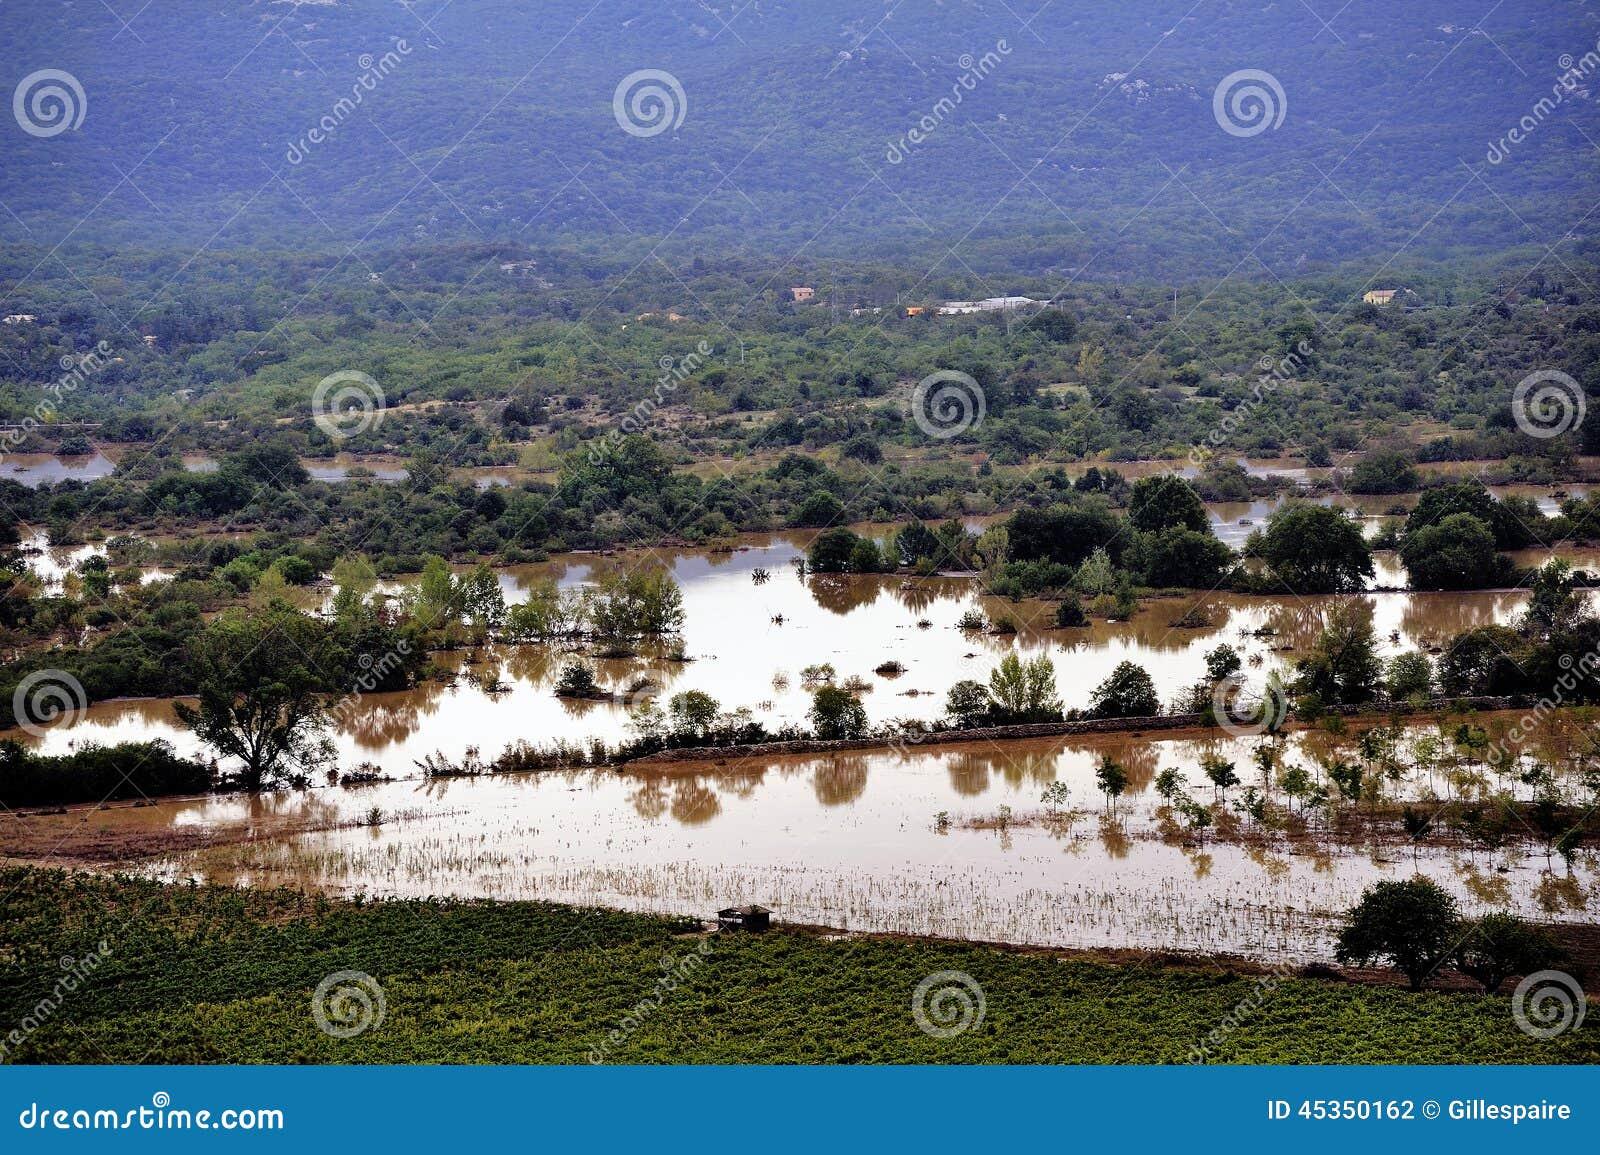 Paysage de pays inondé après forte pluie